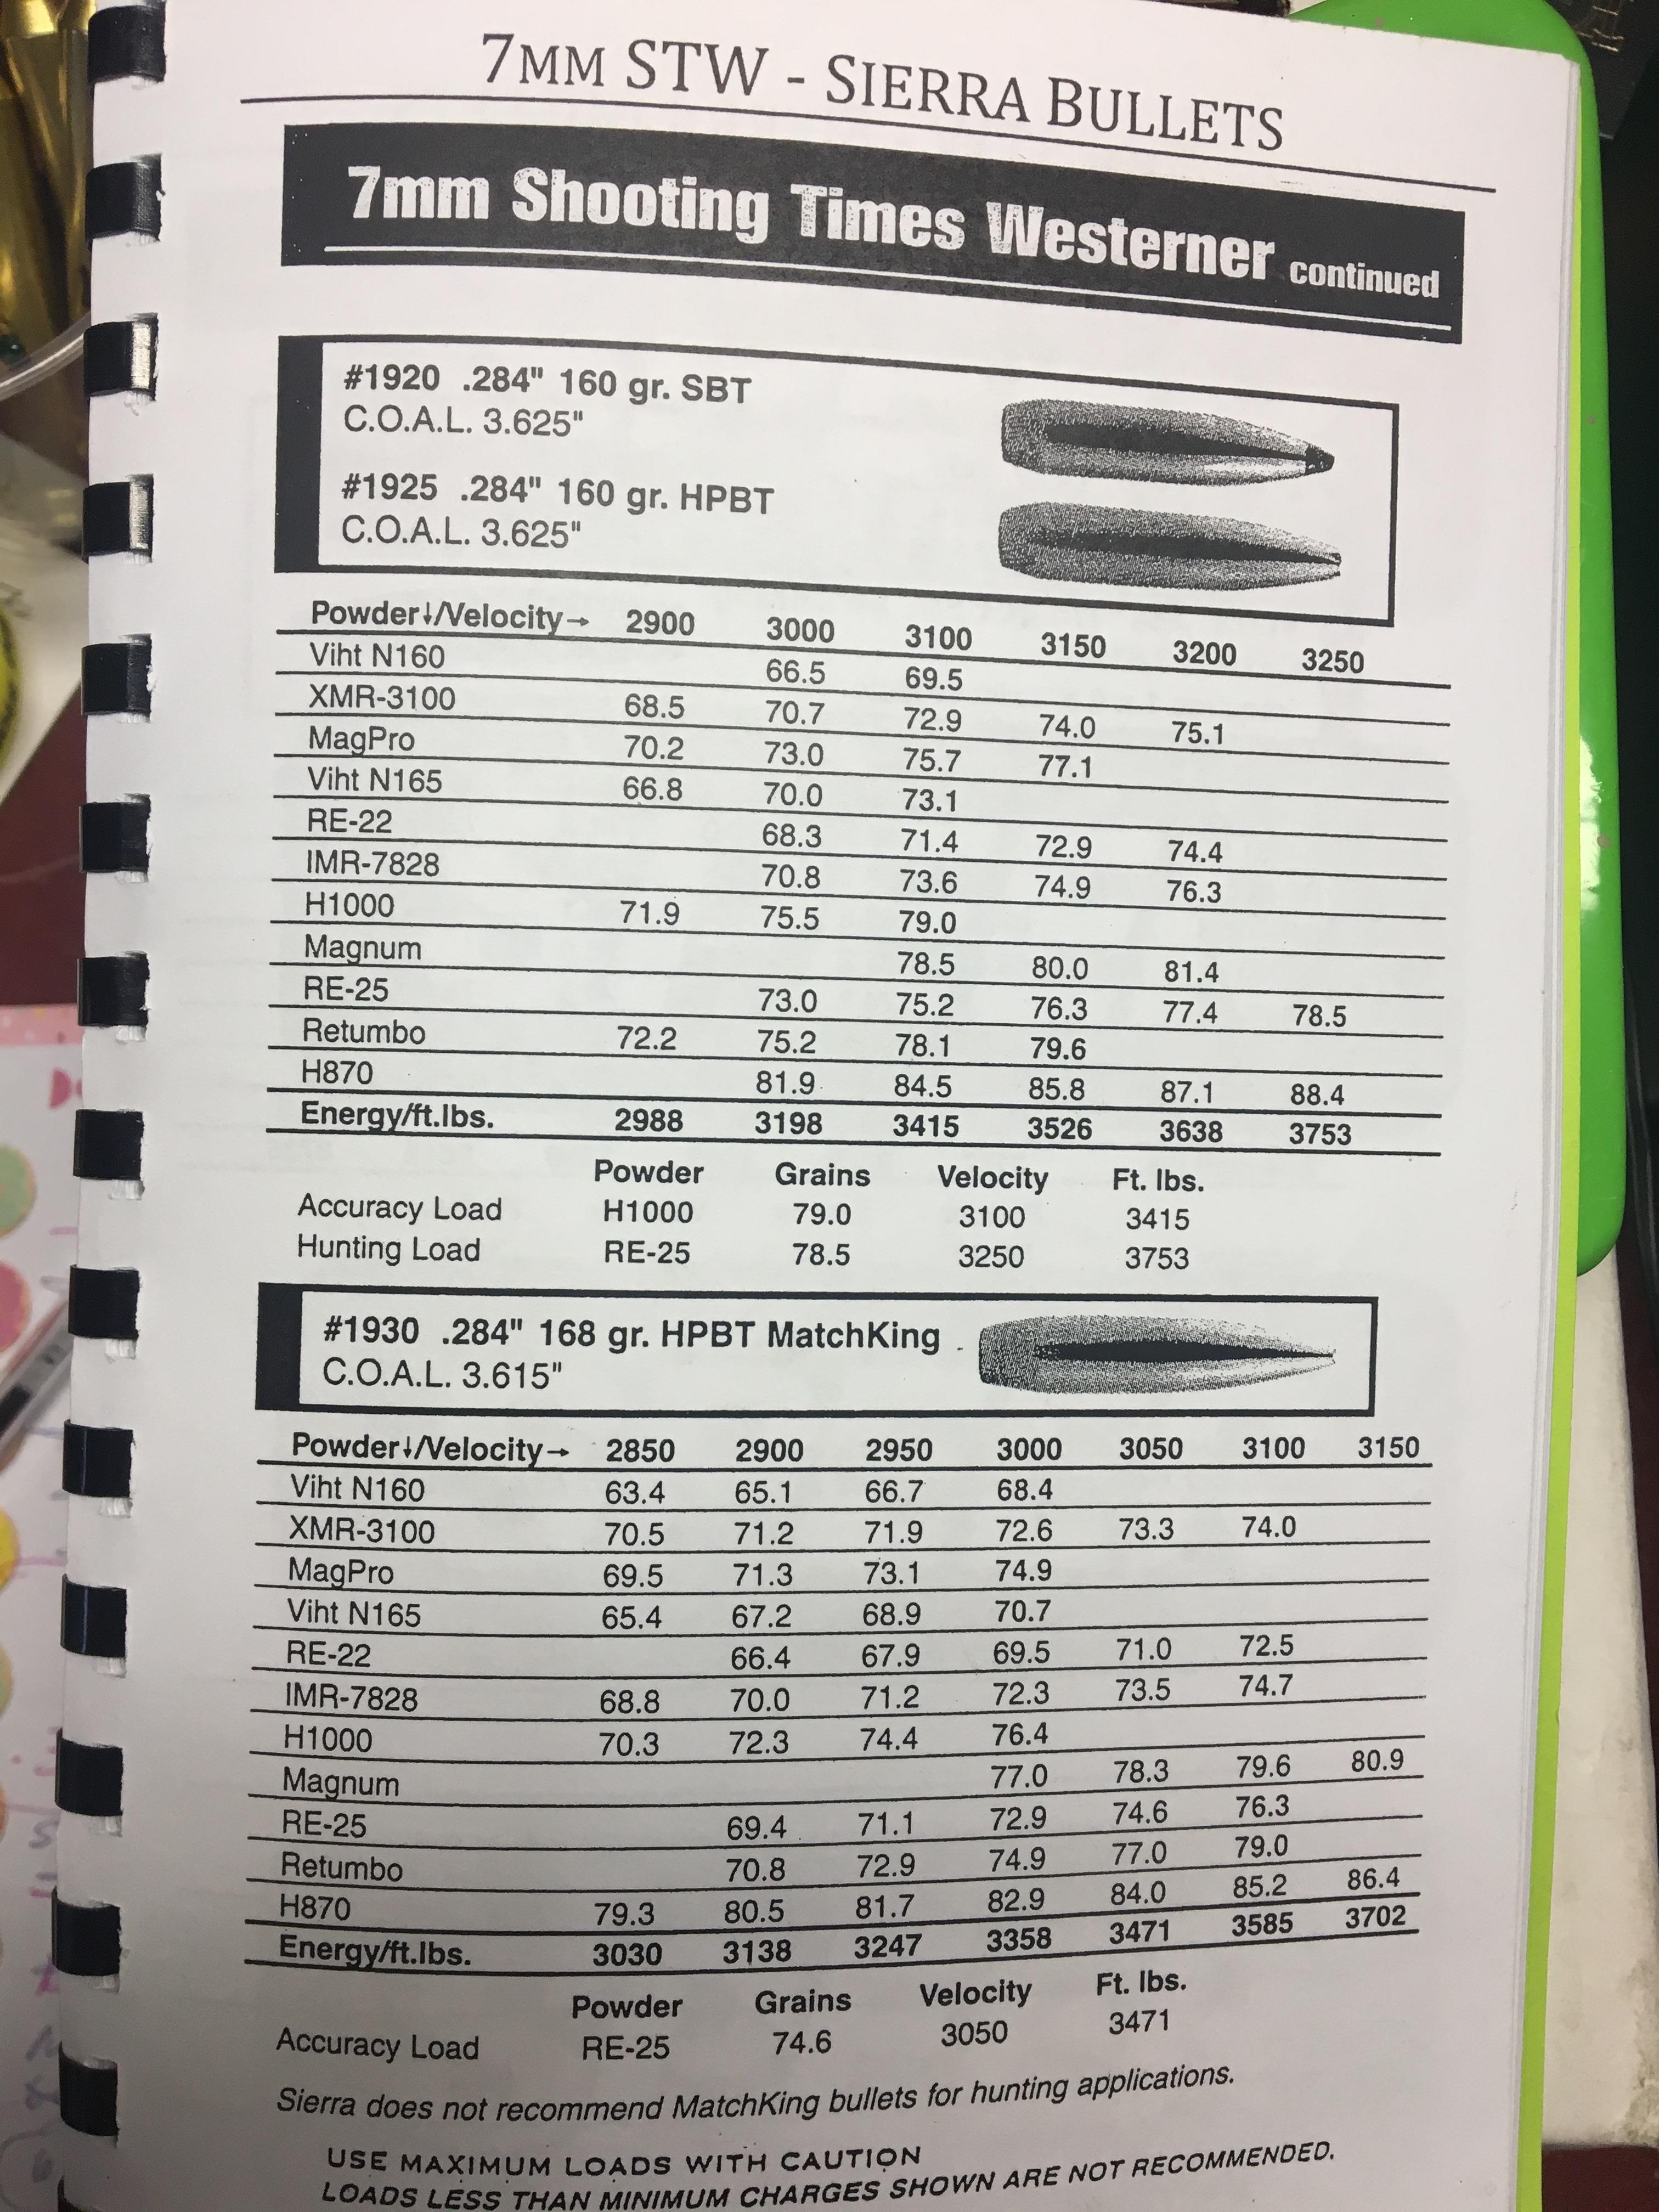 9A35603E-F782-4D55-99BA-FE65D1C80ADE.jpeg